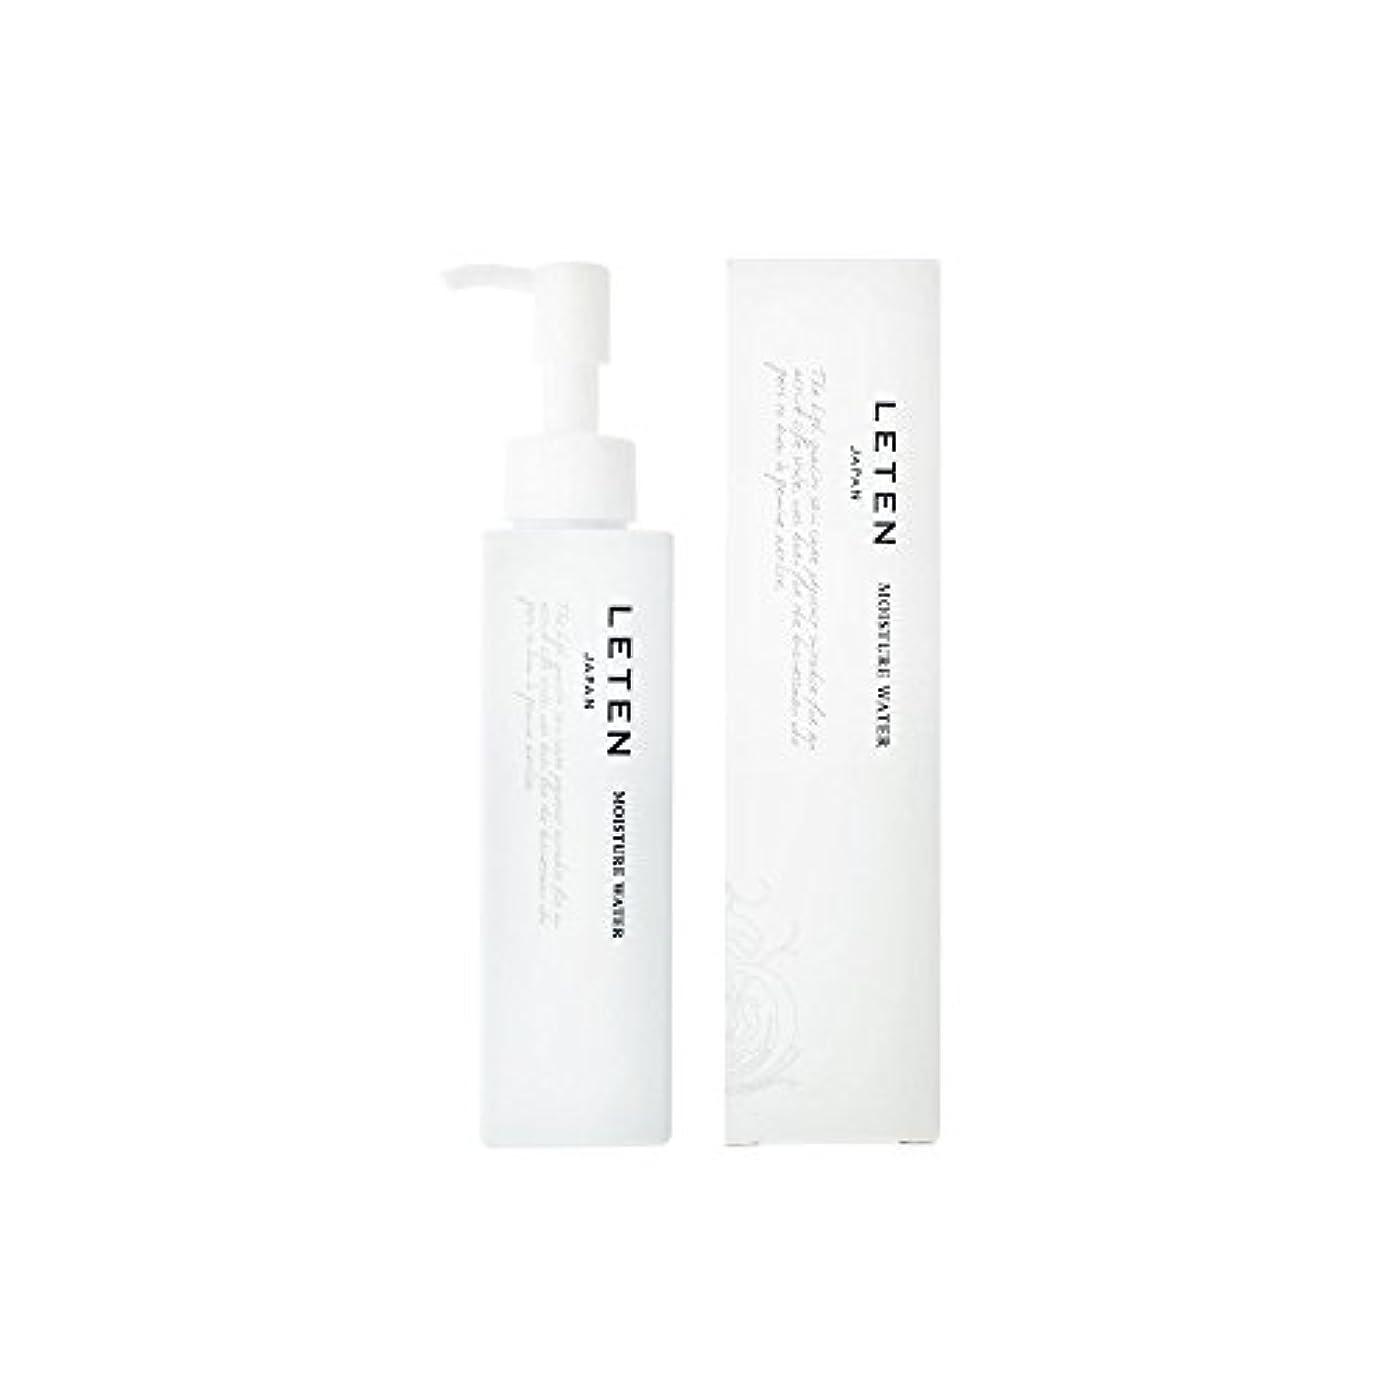 物質ピッチャーフォームレテン (LETEN) モイスチャーウォーター 150ml 化粧水 敏感肌